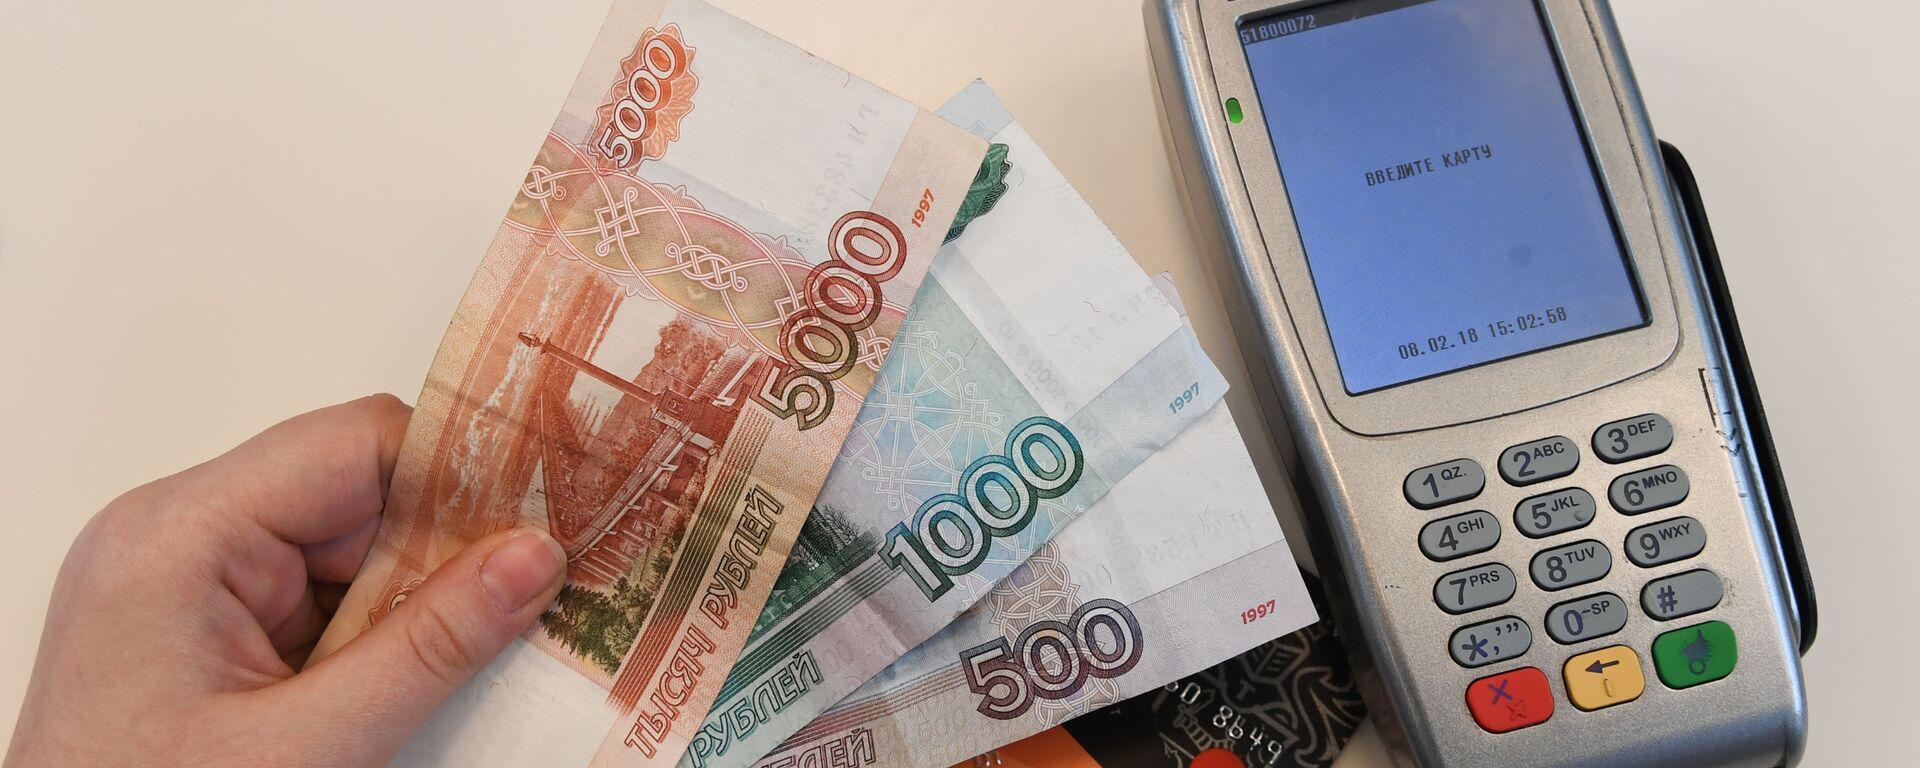 Терминал оплаты банковскими картами и денежные купюры. - Sputnik Абхазия, 1920, 17.05.2021